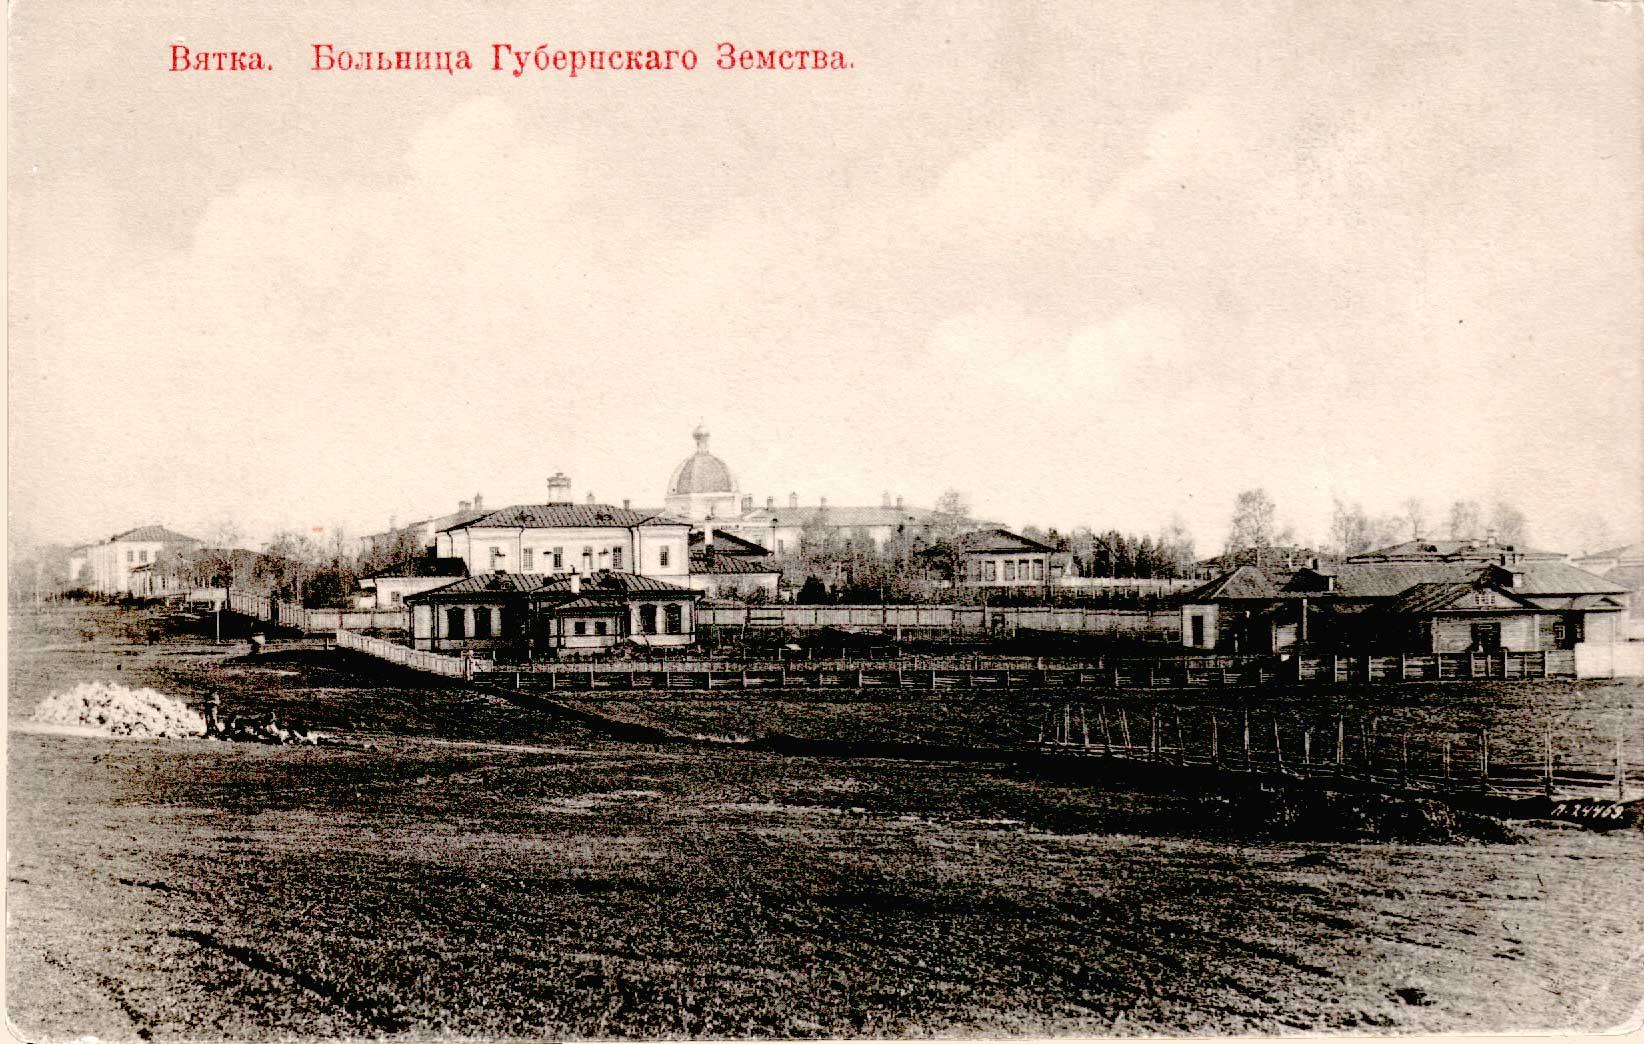 Больница Губернского земства